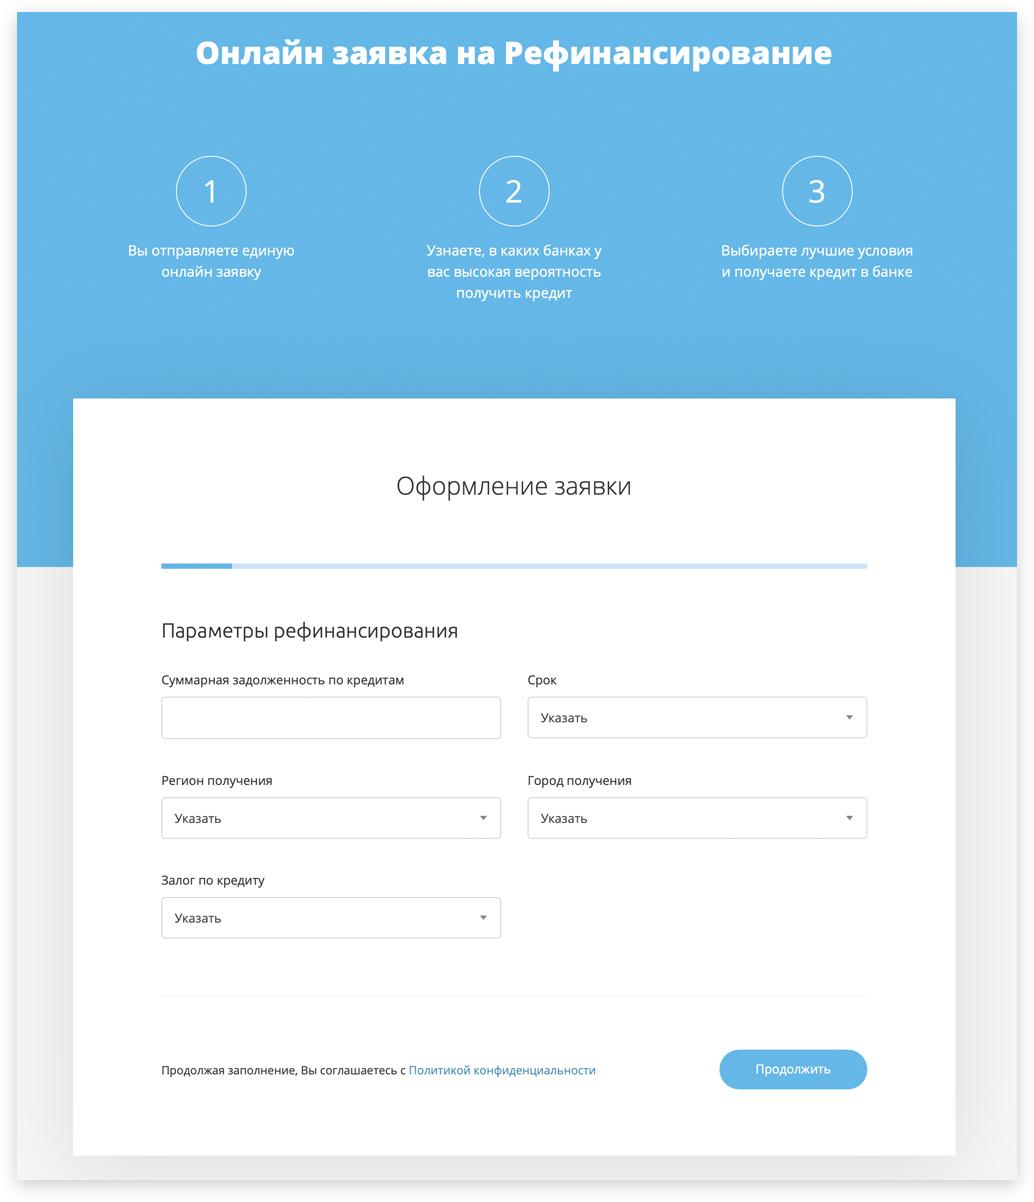 Онлайн заявка на рефинансирование